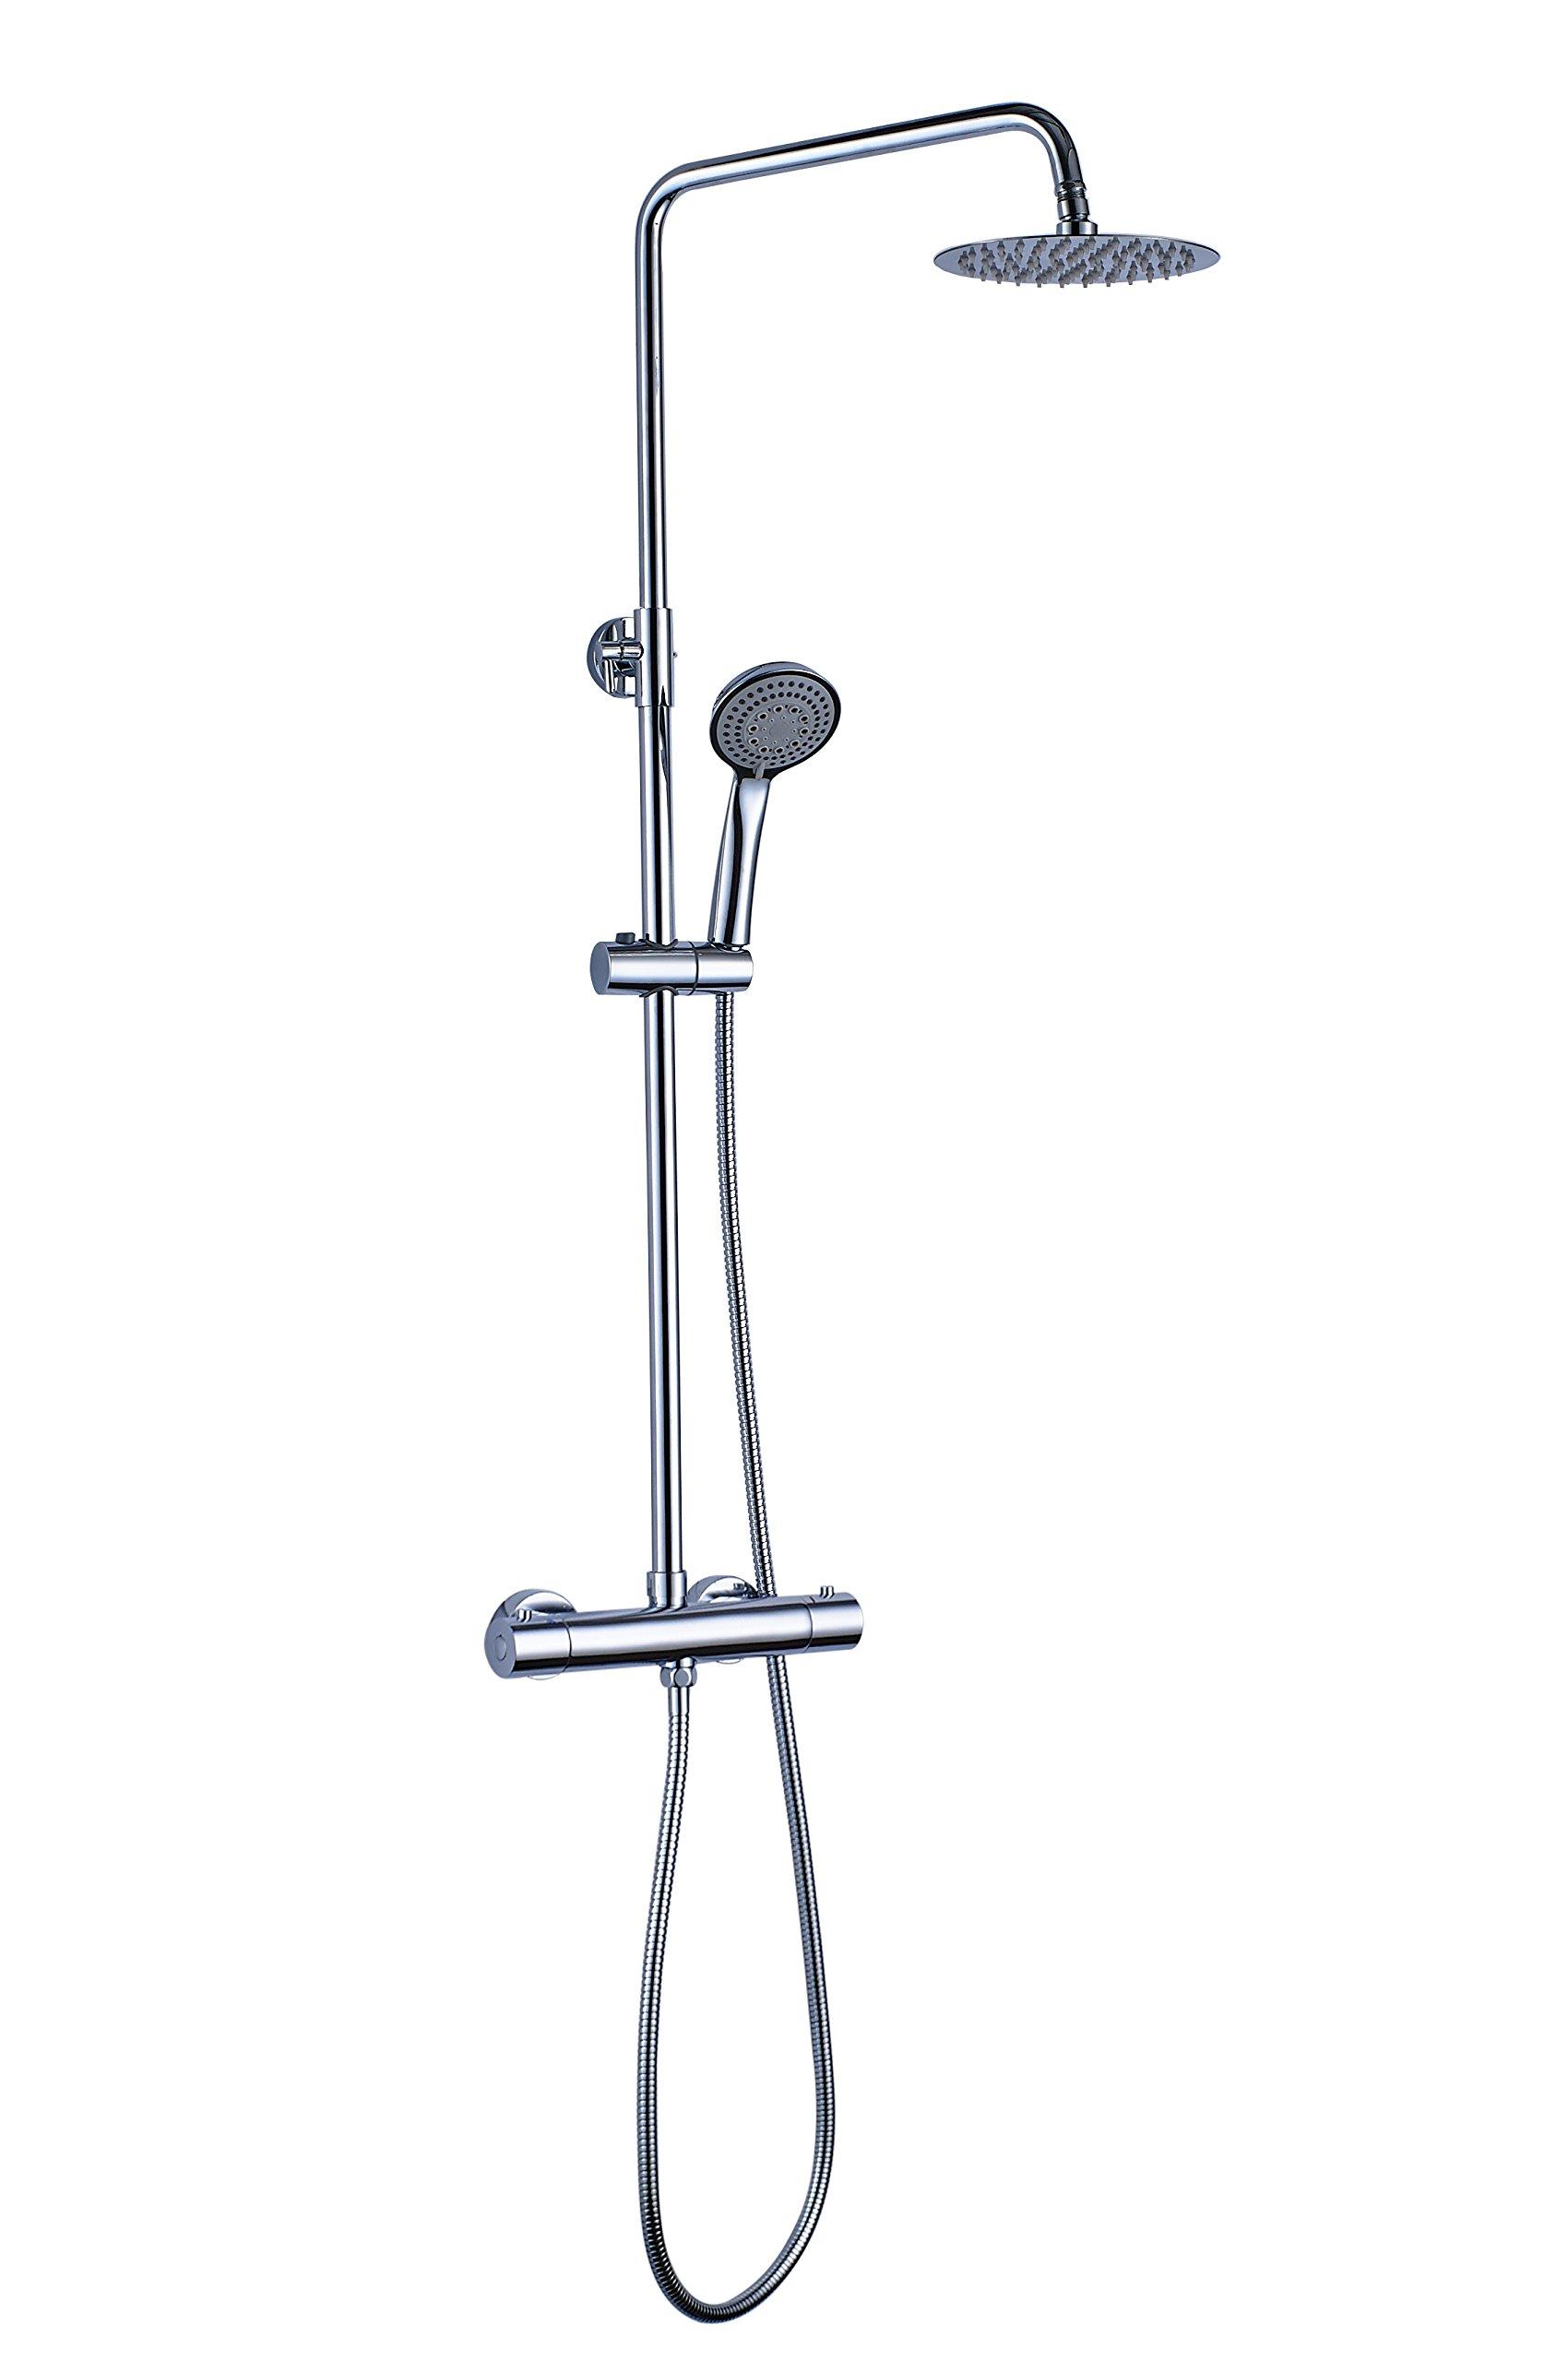 OXEN 120724 – Columna de ducha redonda con termostática (largo normal)